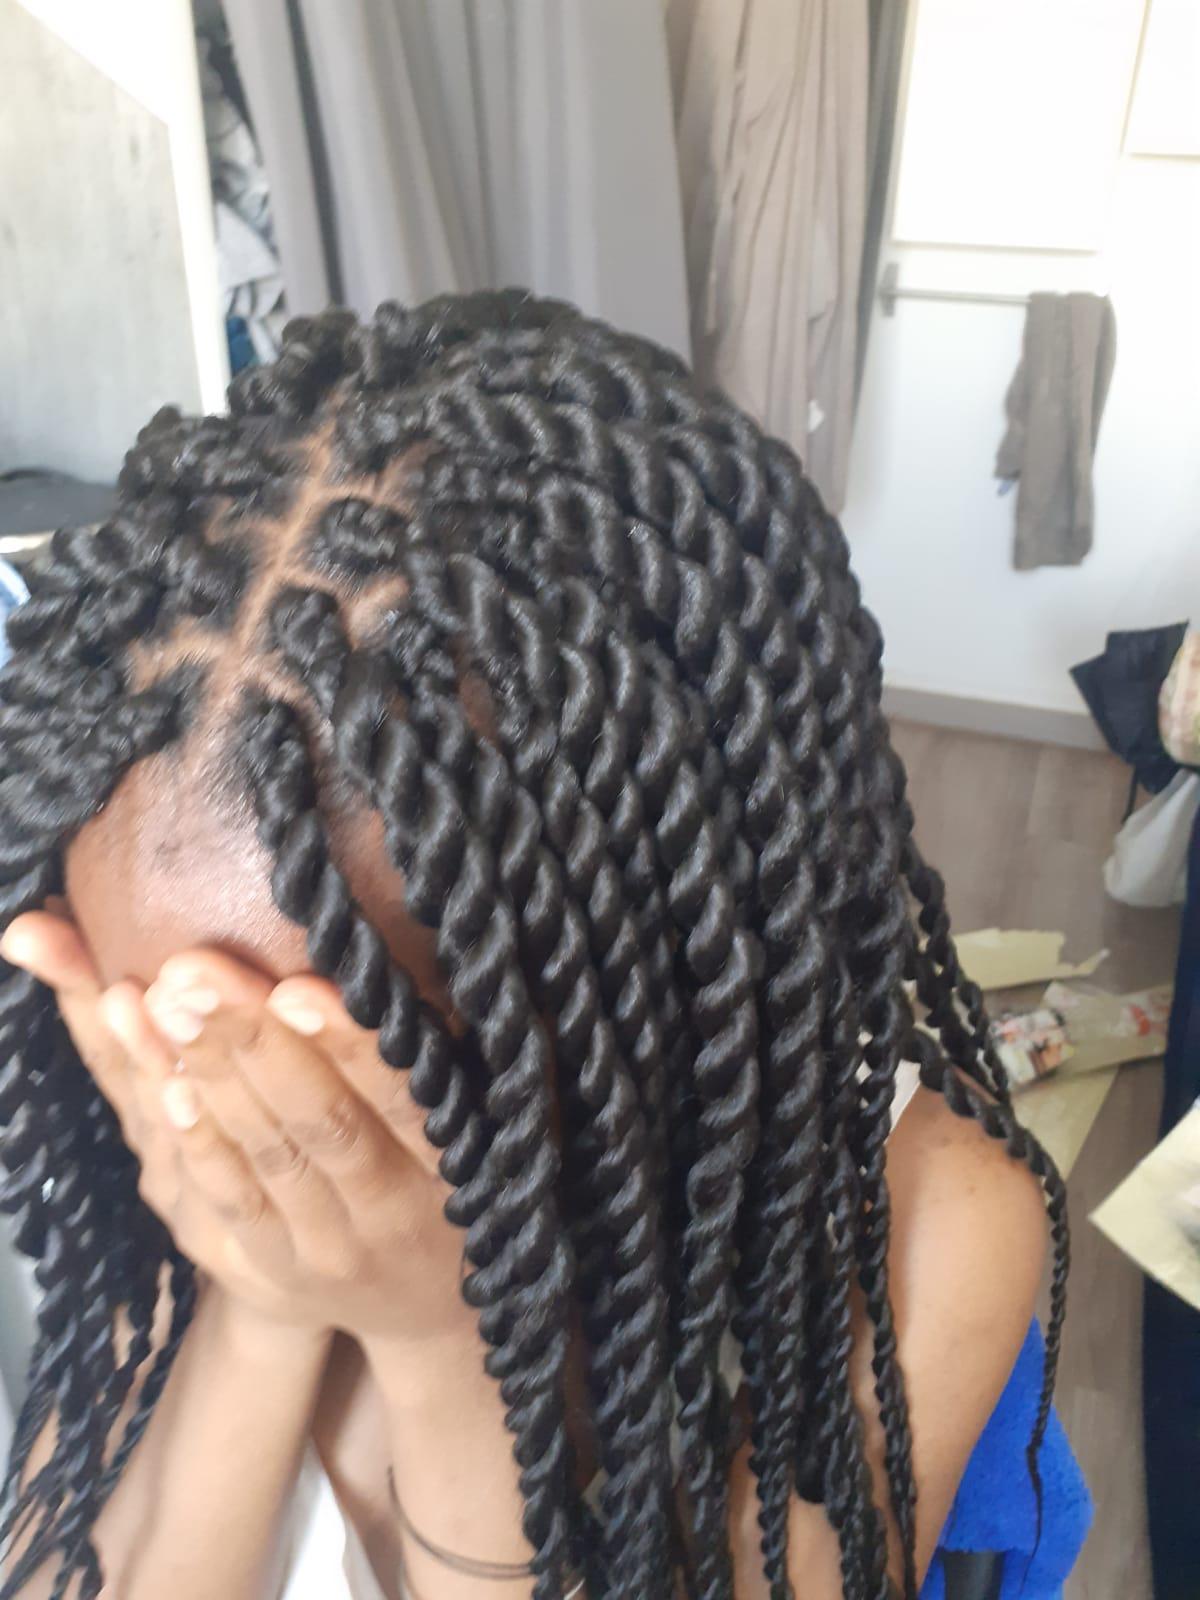 salon de coiffure afro tresse tresses box braids crochet braids vanilles tissages paris 75 77 78 91 92 93 94 95 YSSOHTCA